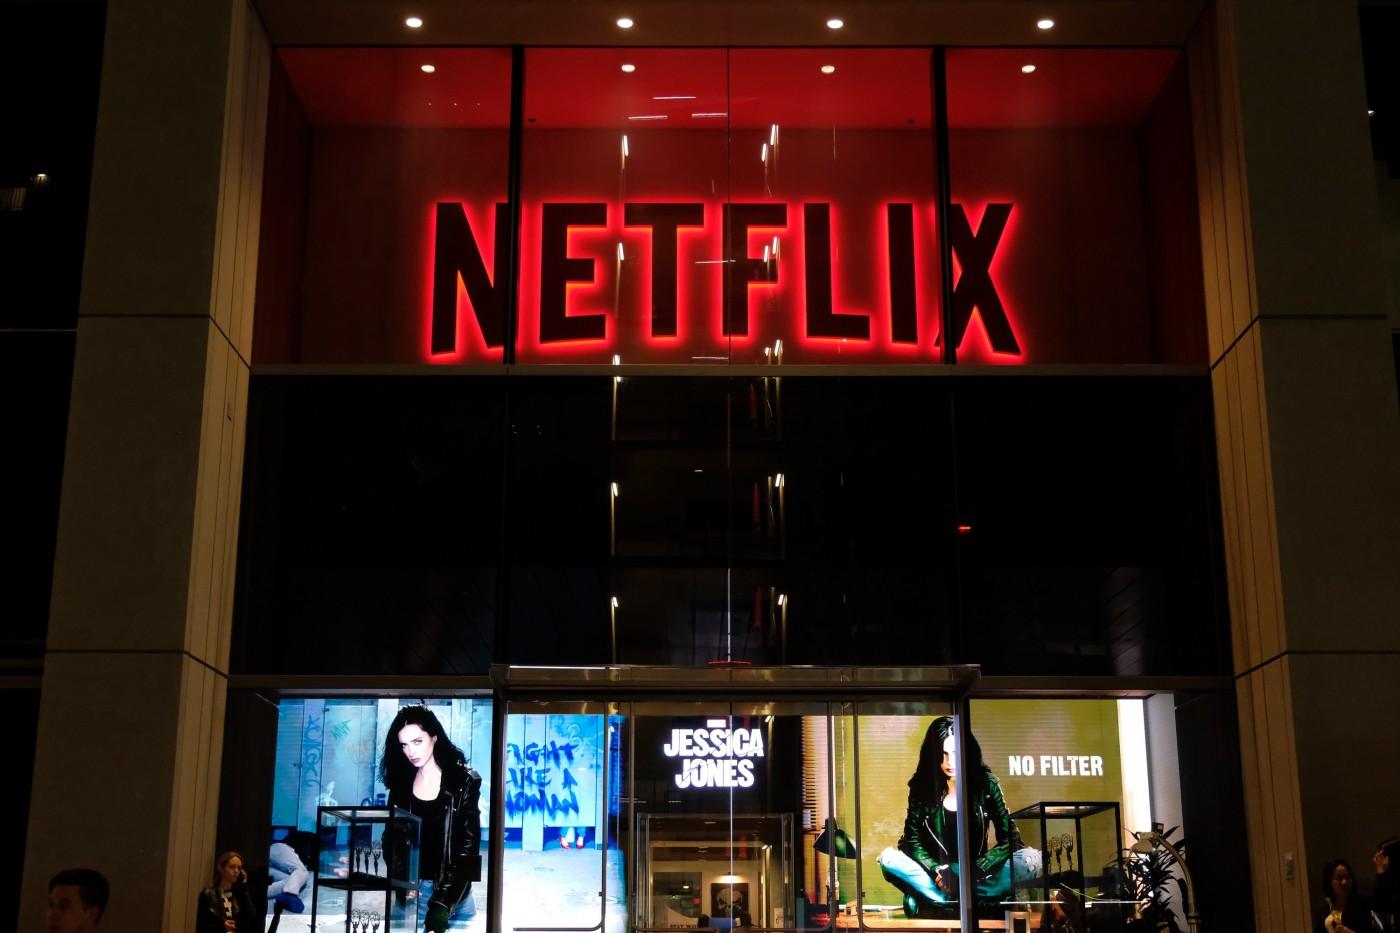 歸功原創內容!Netflix第一季再增700萬用戶